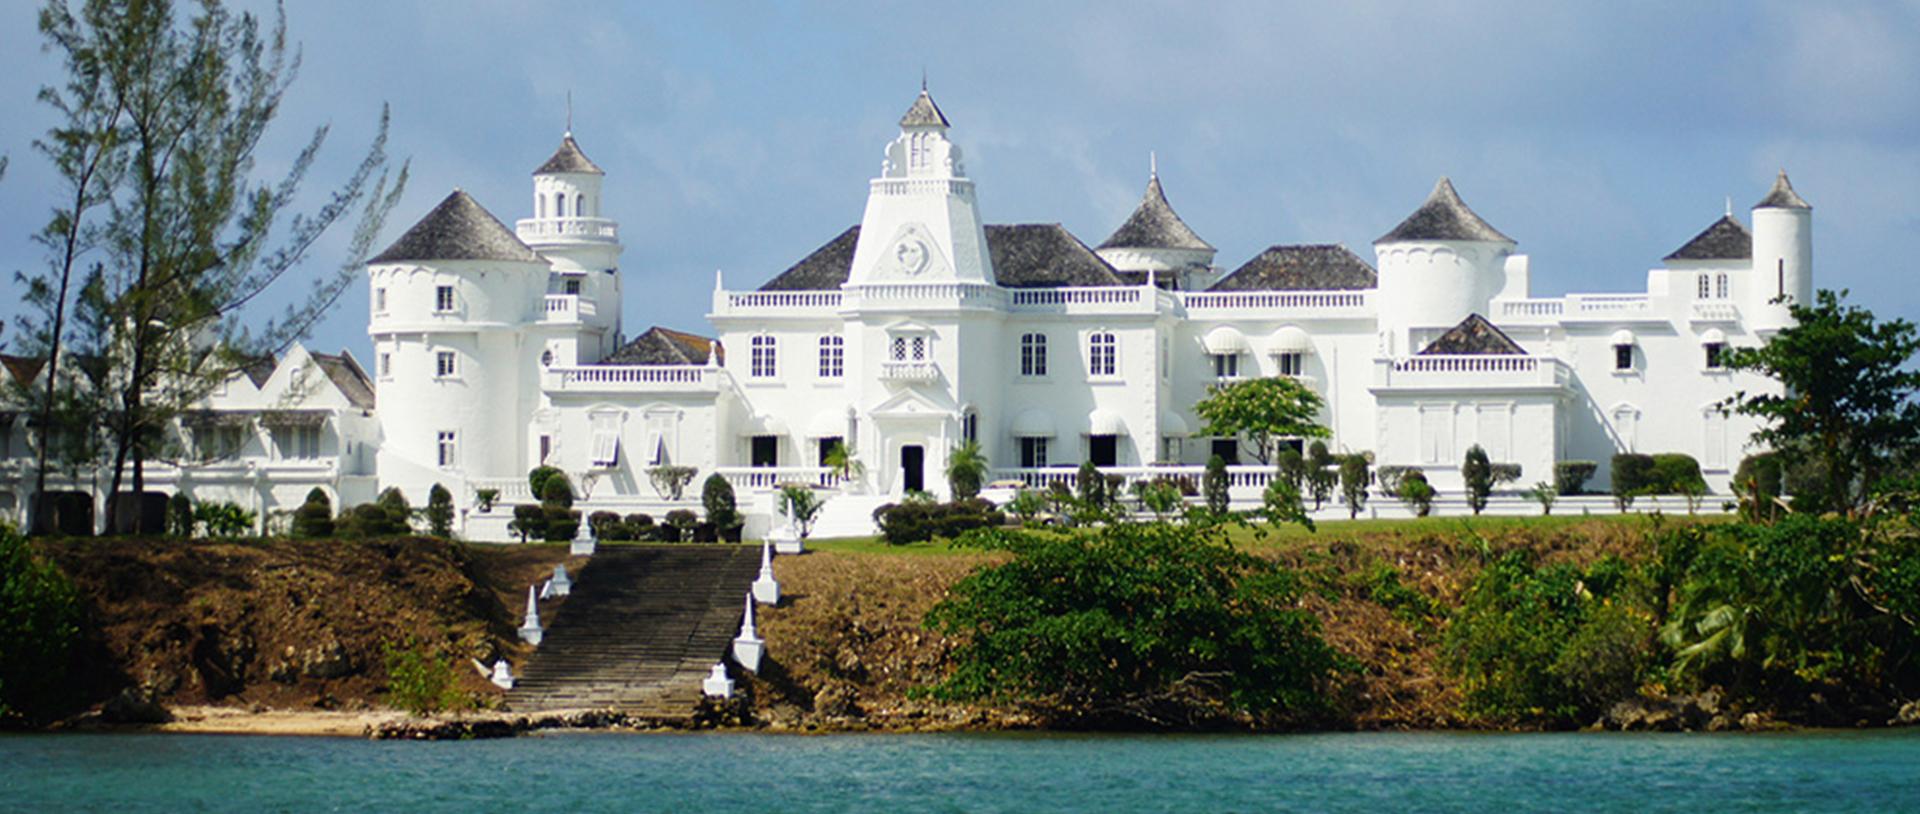 Alex + Jelicza | Portland Parish, Jamaica | Trident Castle